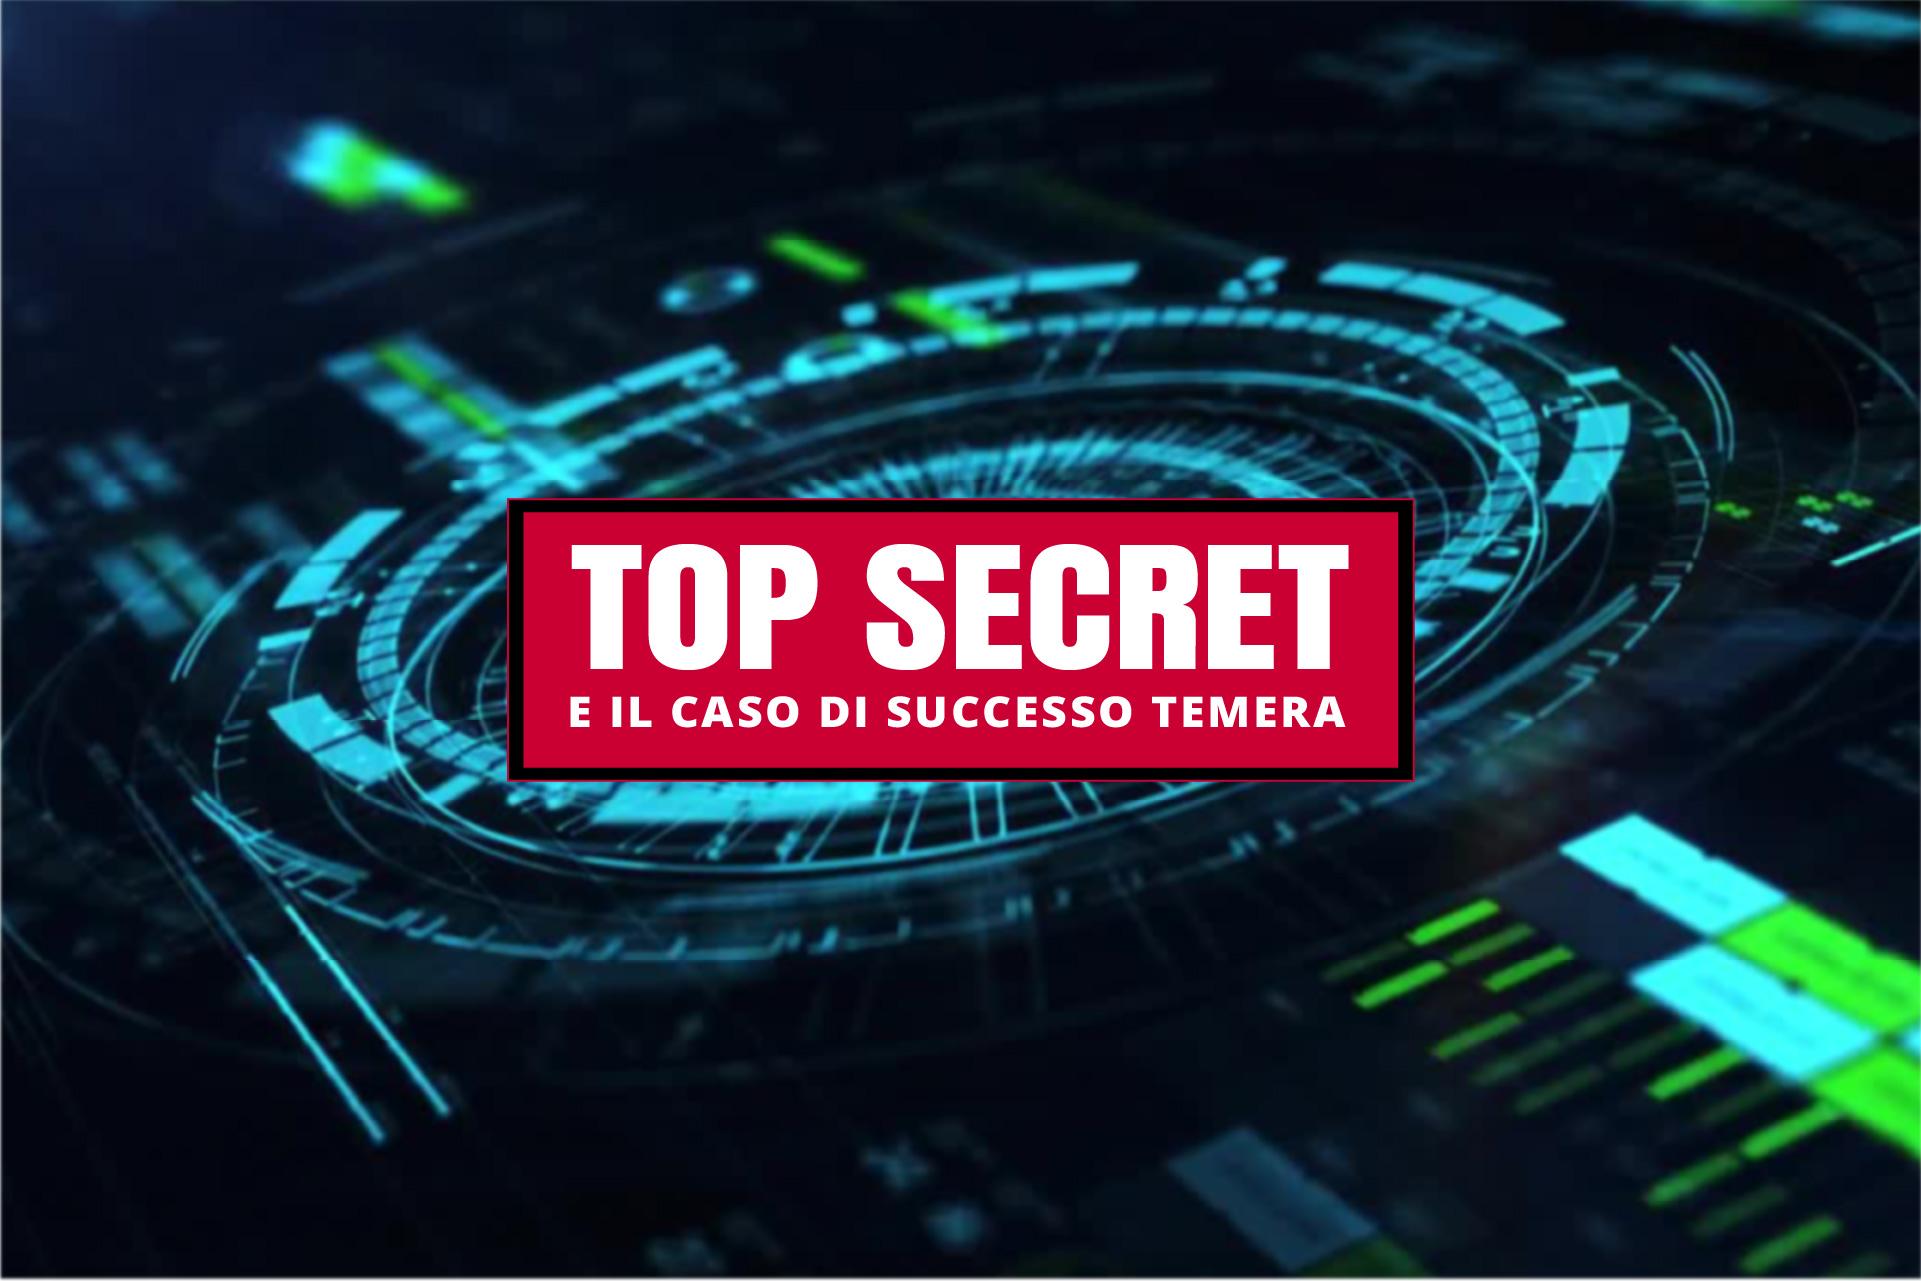 Arcangelo D'Onofrio CEO di Temera racconta i segreti del successo imprenditoriale a TopSecret